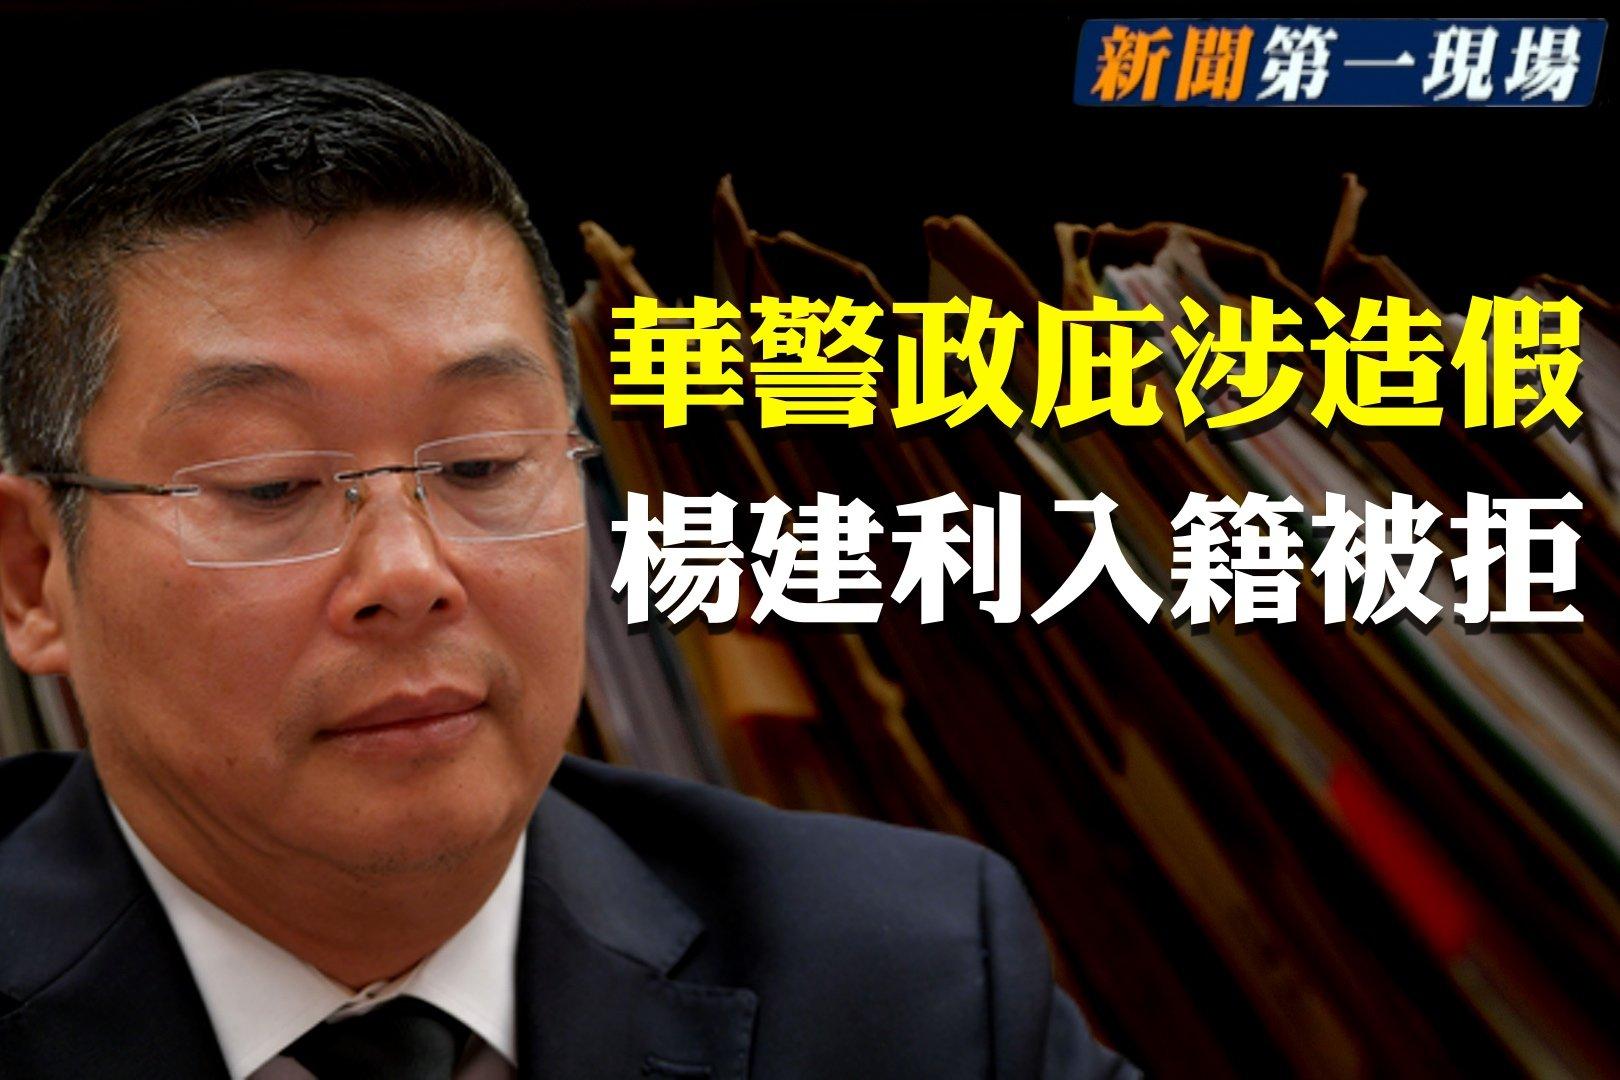 楊建利入籍被拒,華警政庇涉造假。(大紀元合成)